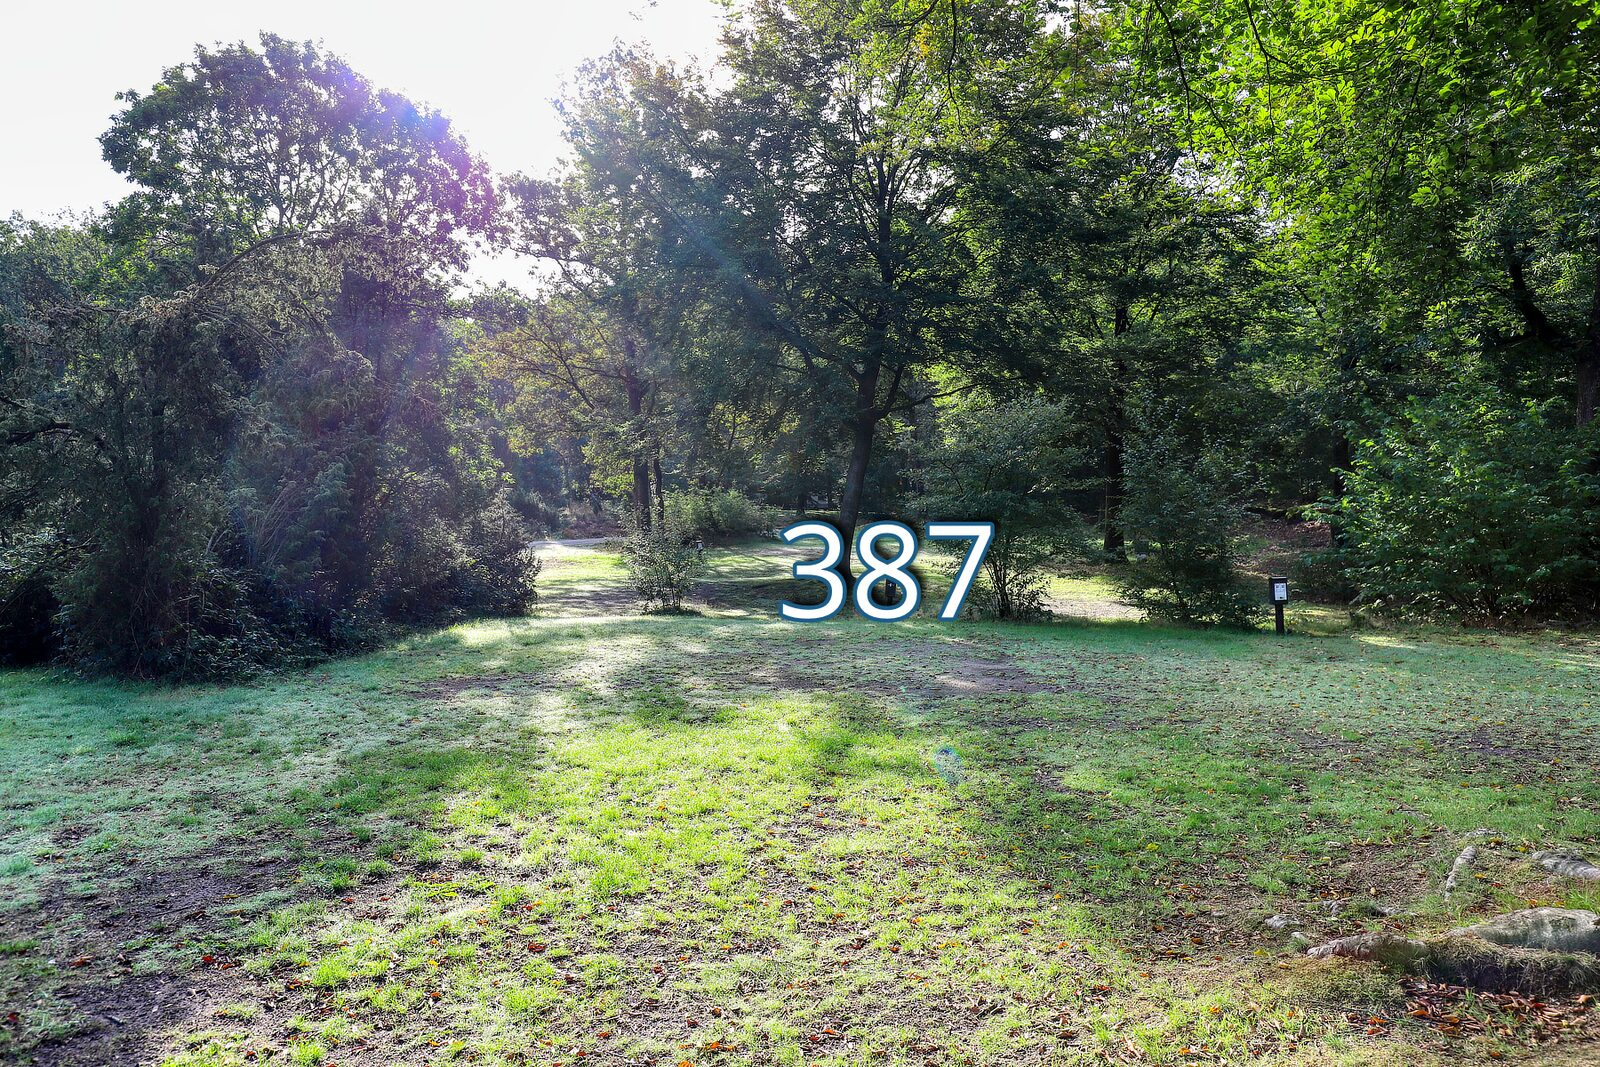 houtduif 387